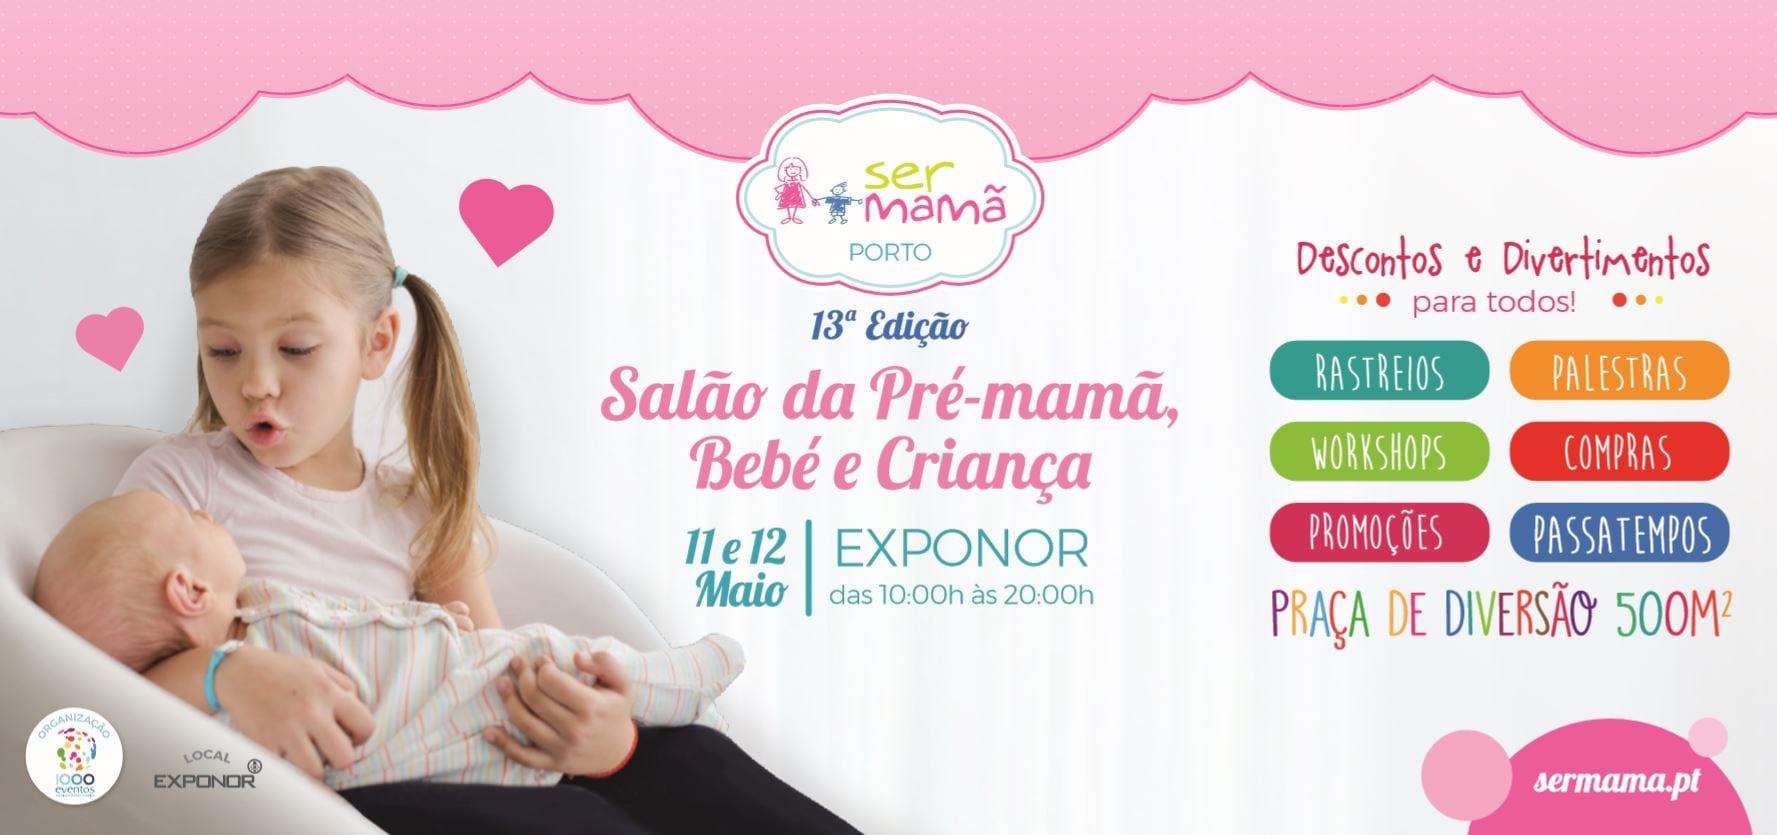 Salao Ser Mama 2019